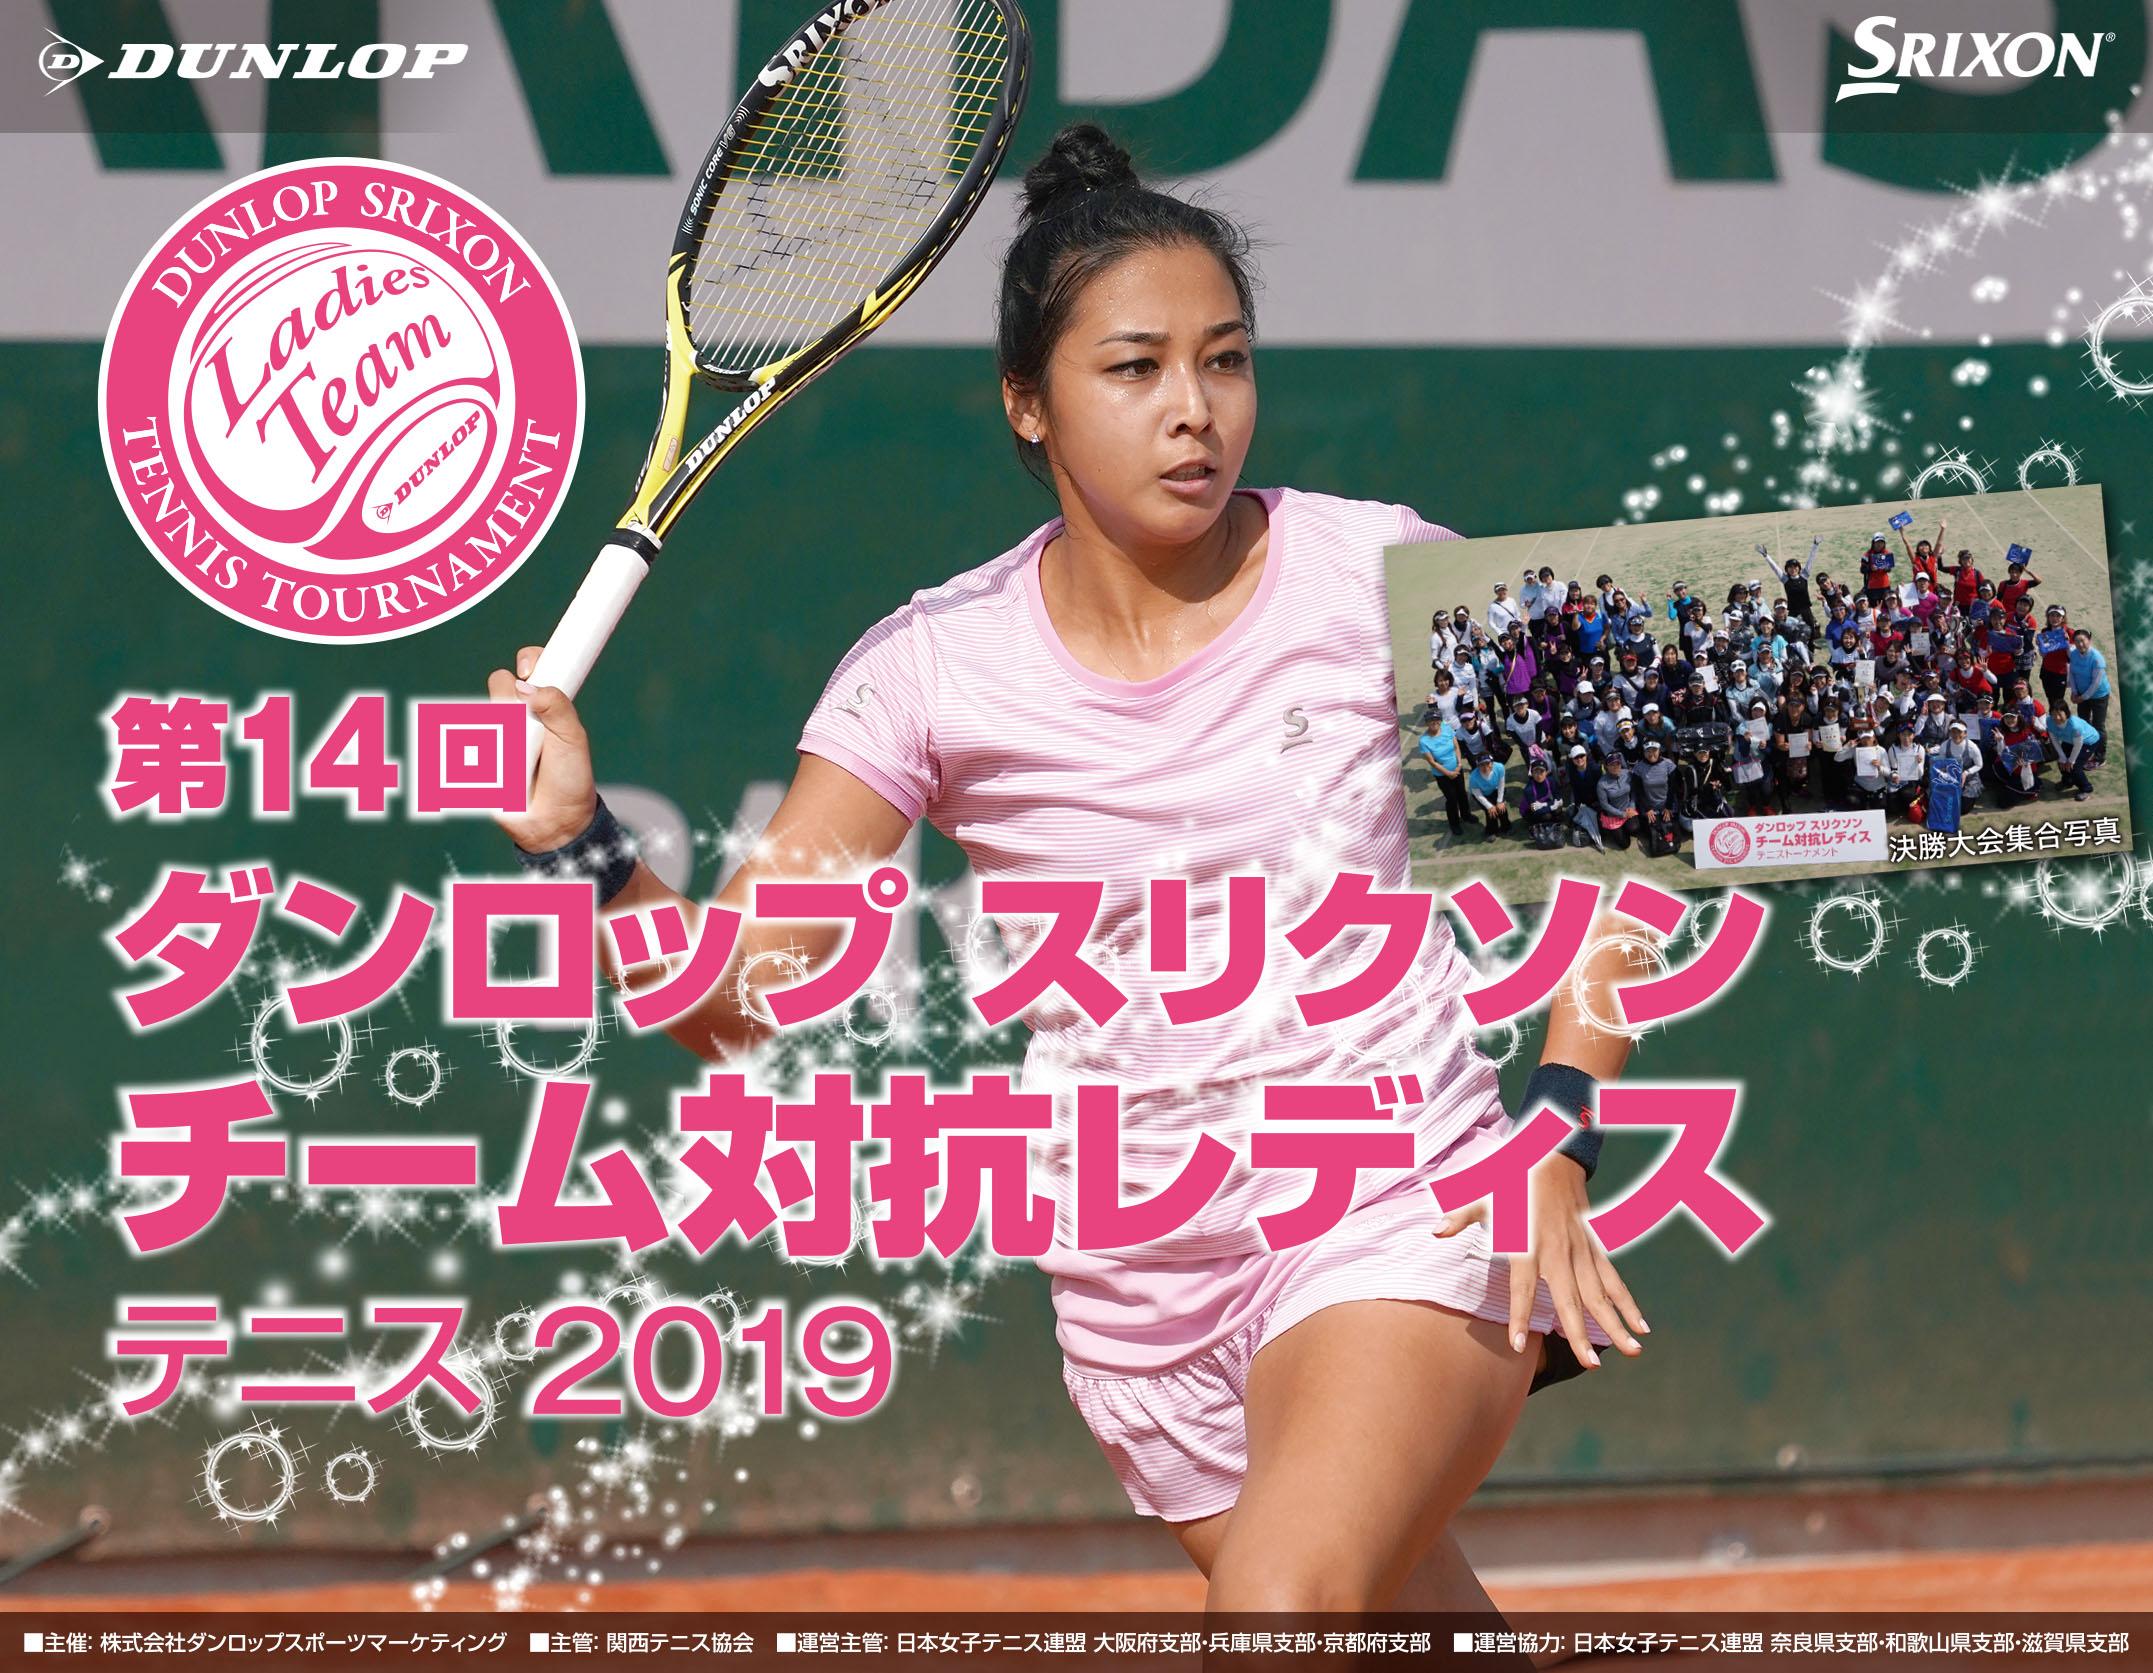 府 協会 大阪 テニス